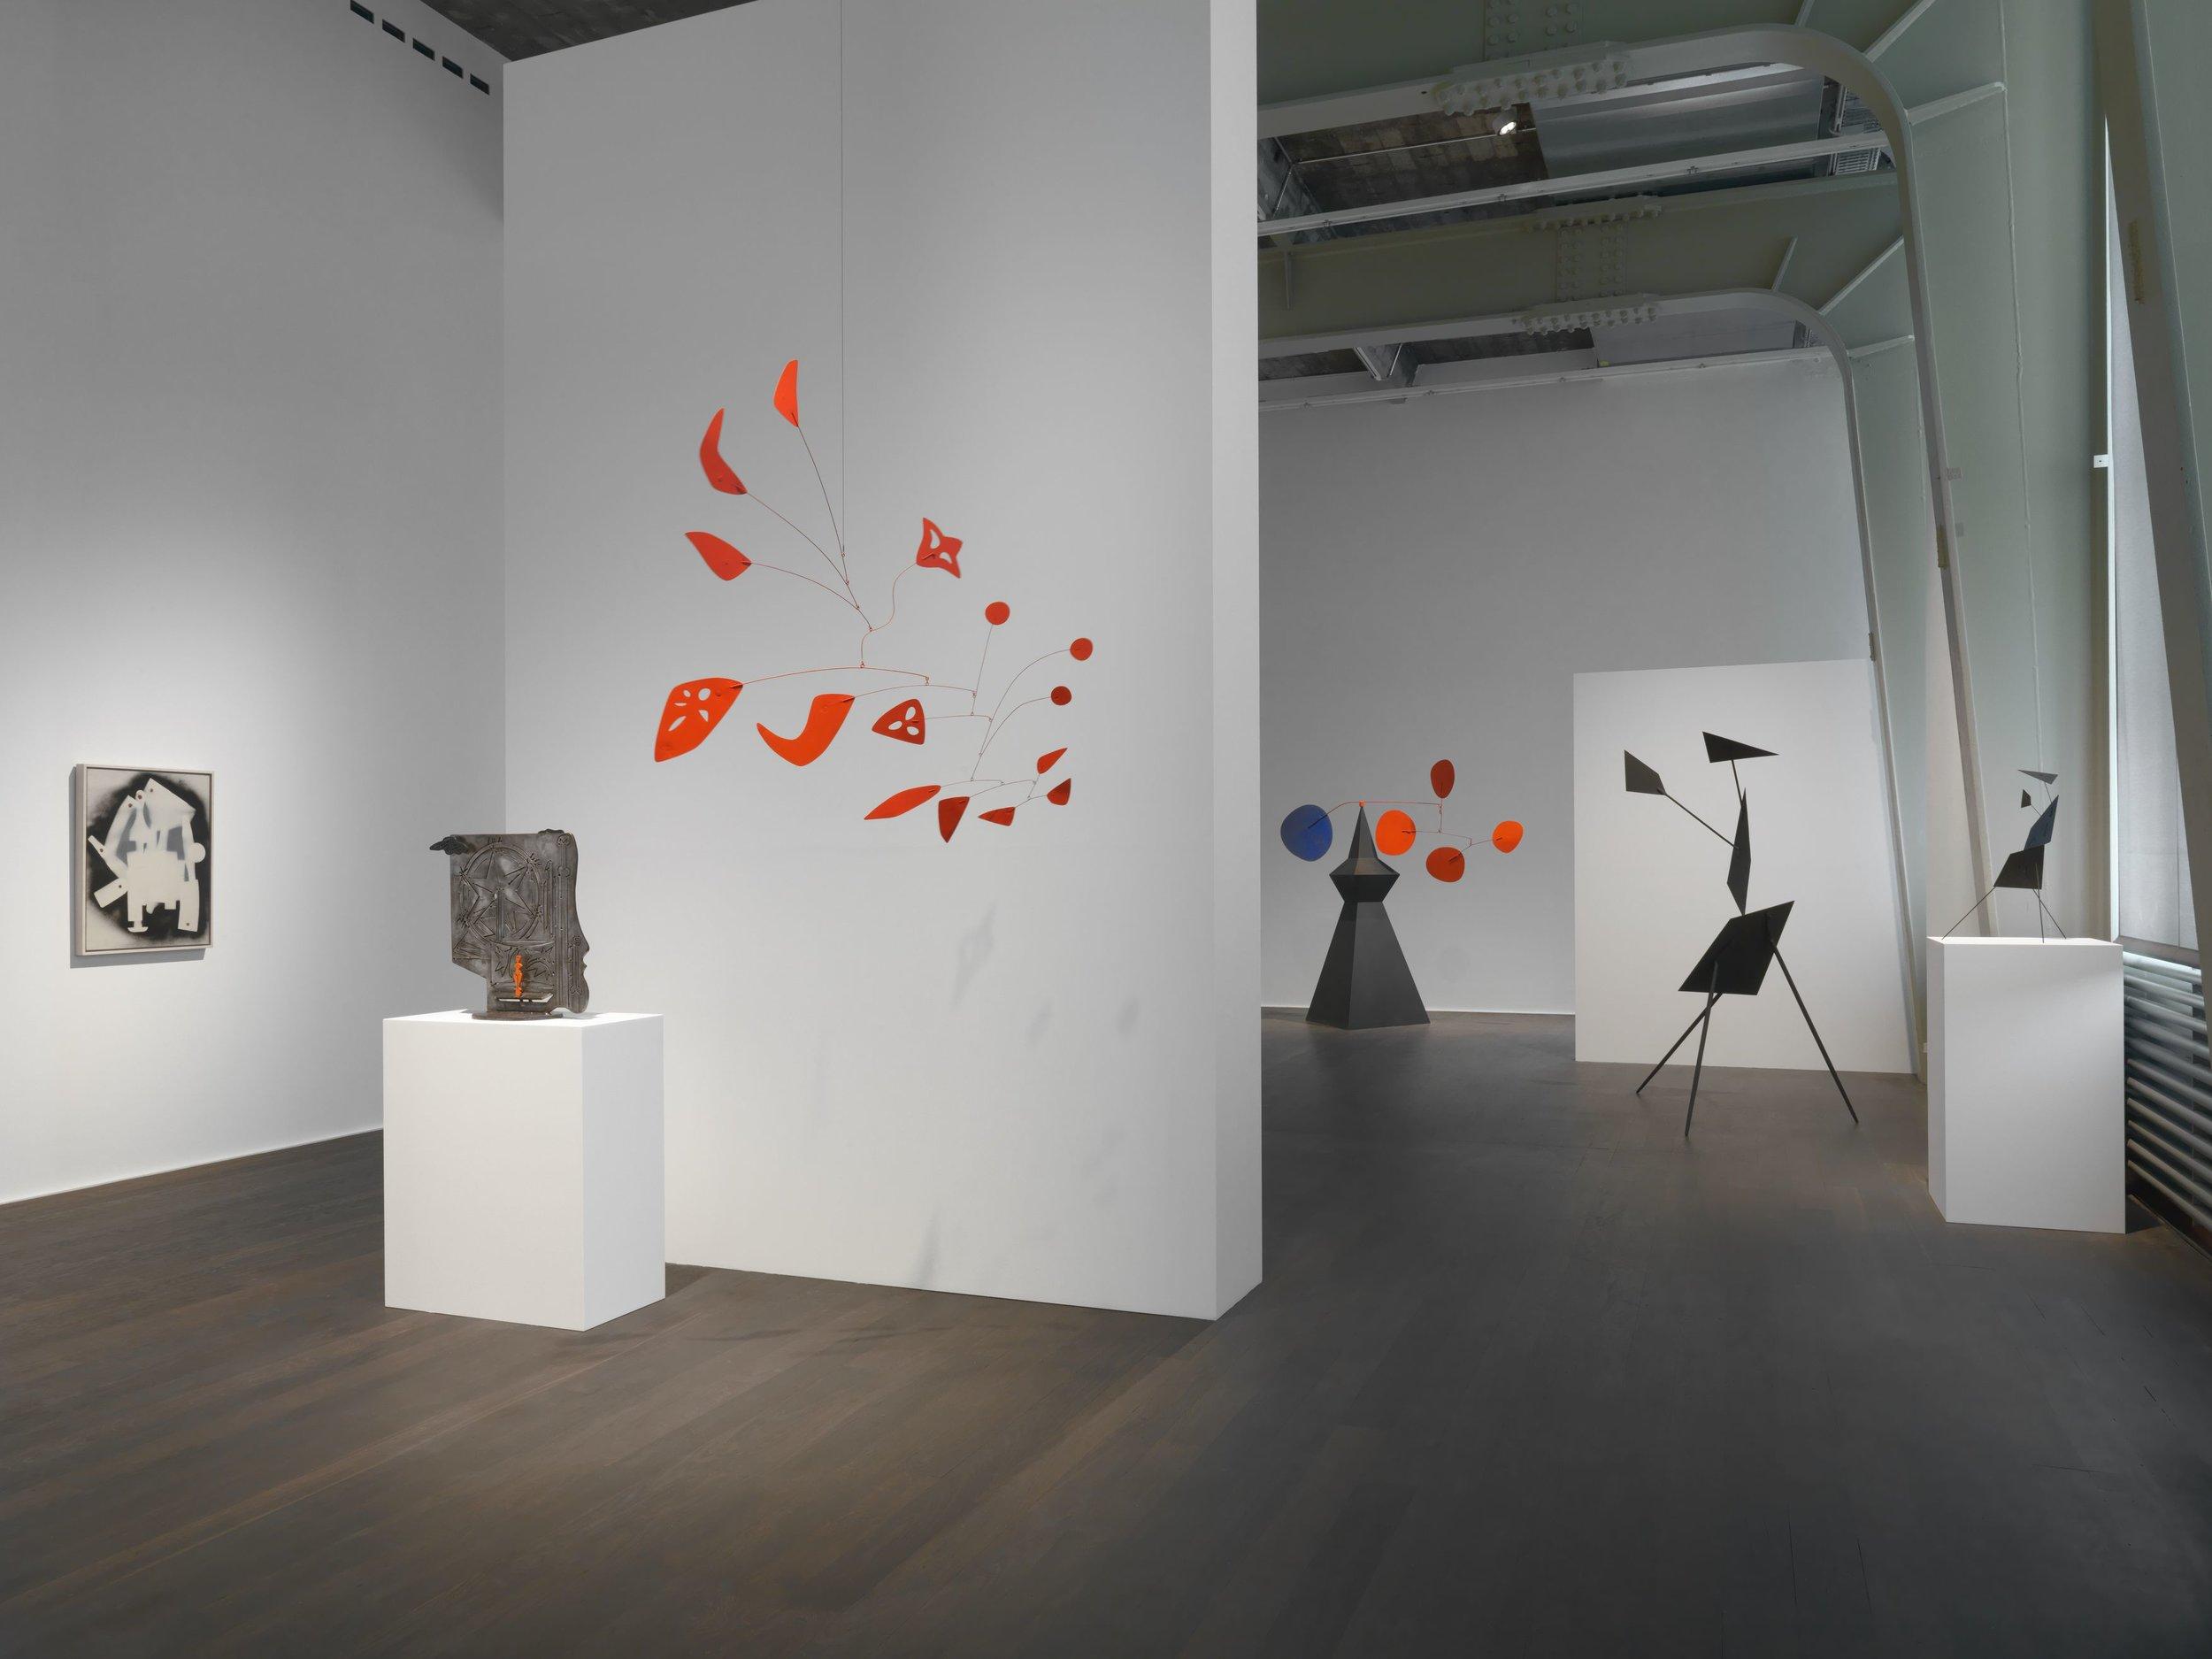 Exhibition view, Alexander Calder / David Smith, Hauser & Wirth, Zürich, 2017 © Calder Foundation, New York / 2017, ProLitteris, Zurich & The Estate of David Smith, Courtesy of Hauser & Wirth Photo: Genevieve Hanson